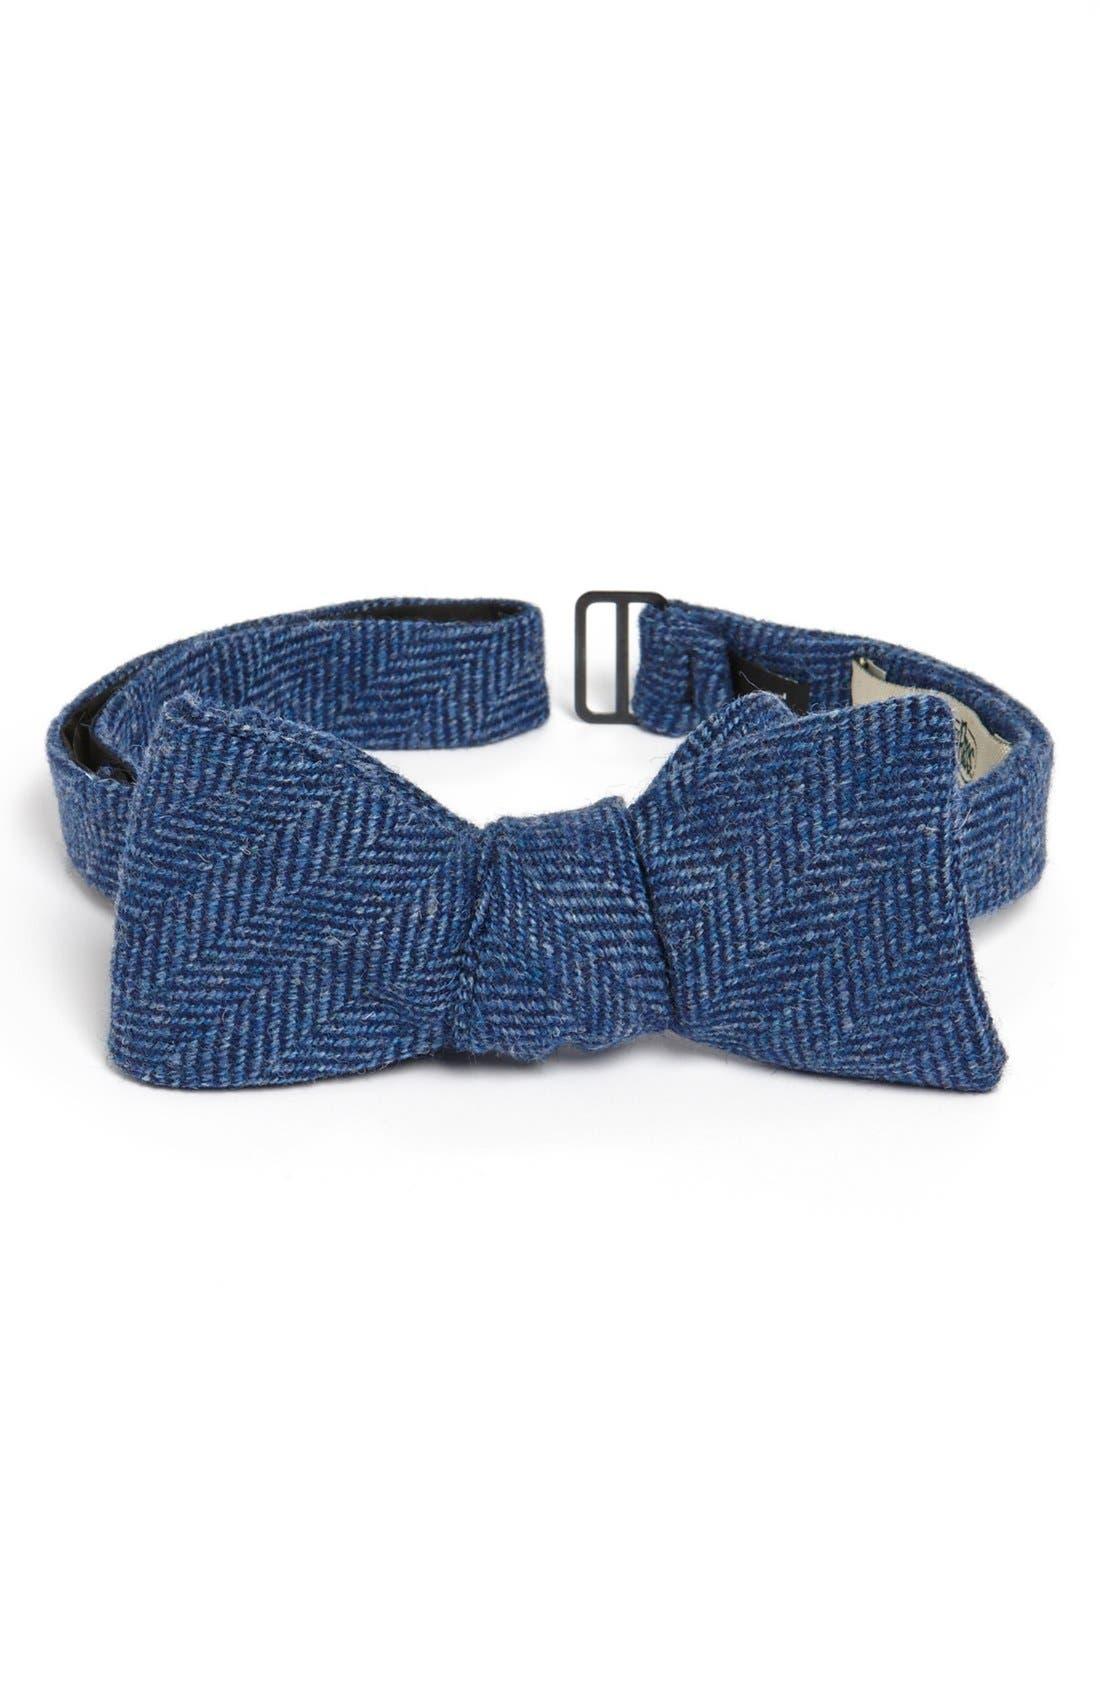 Main Image - Gitman Merino Wool Bow Tie